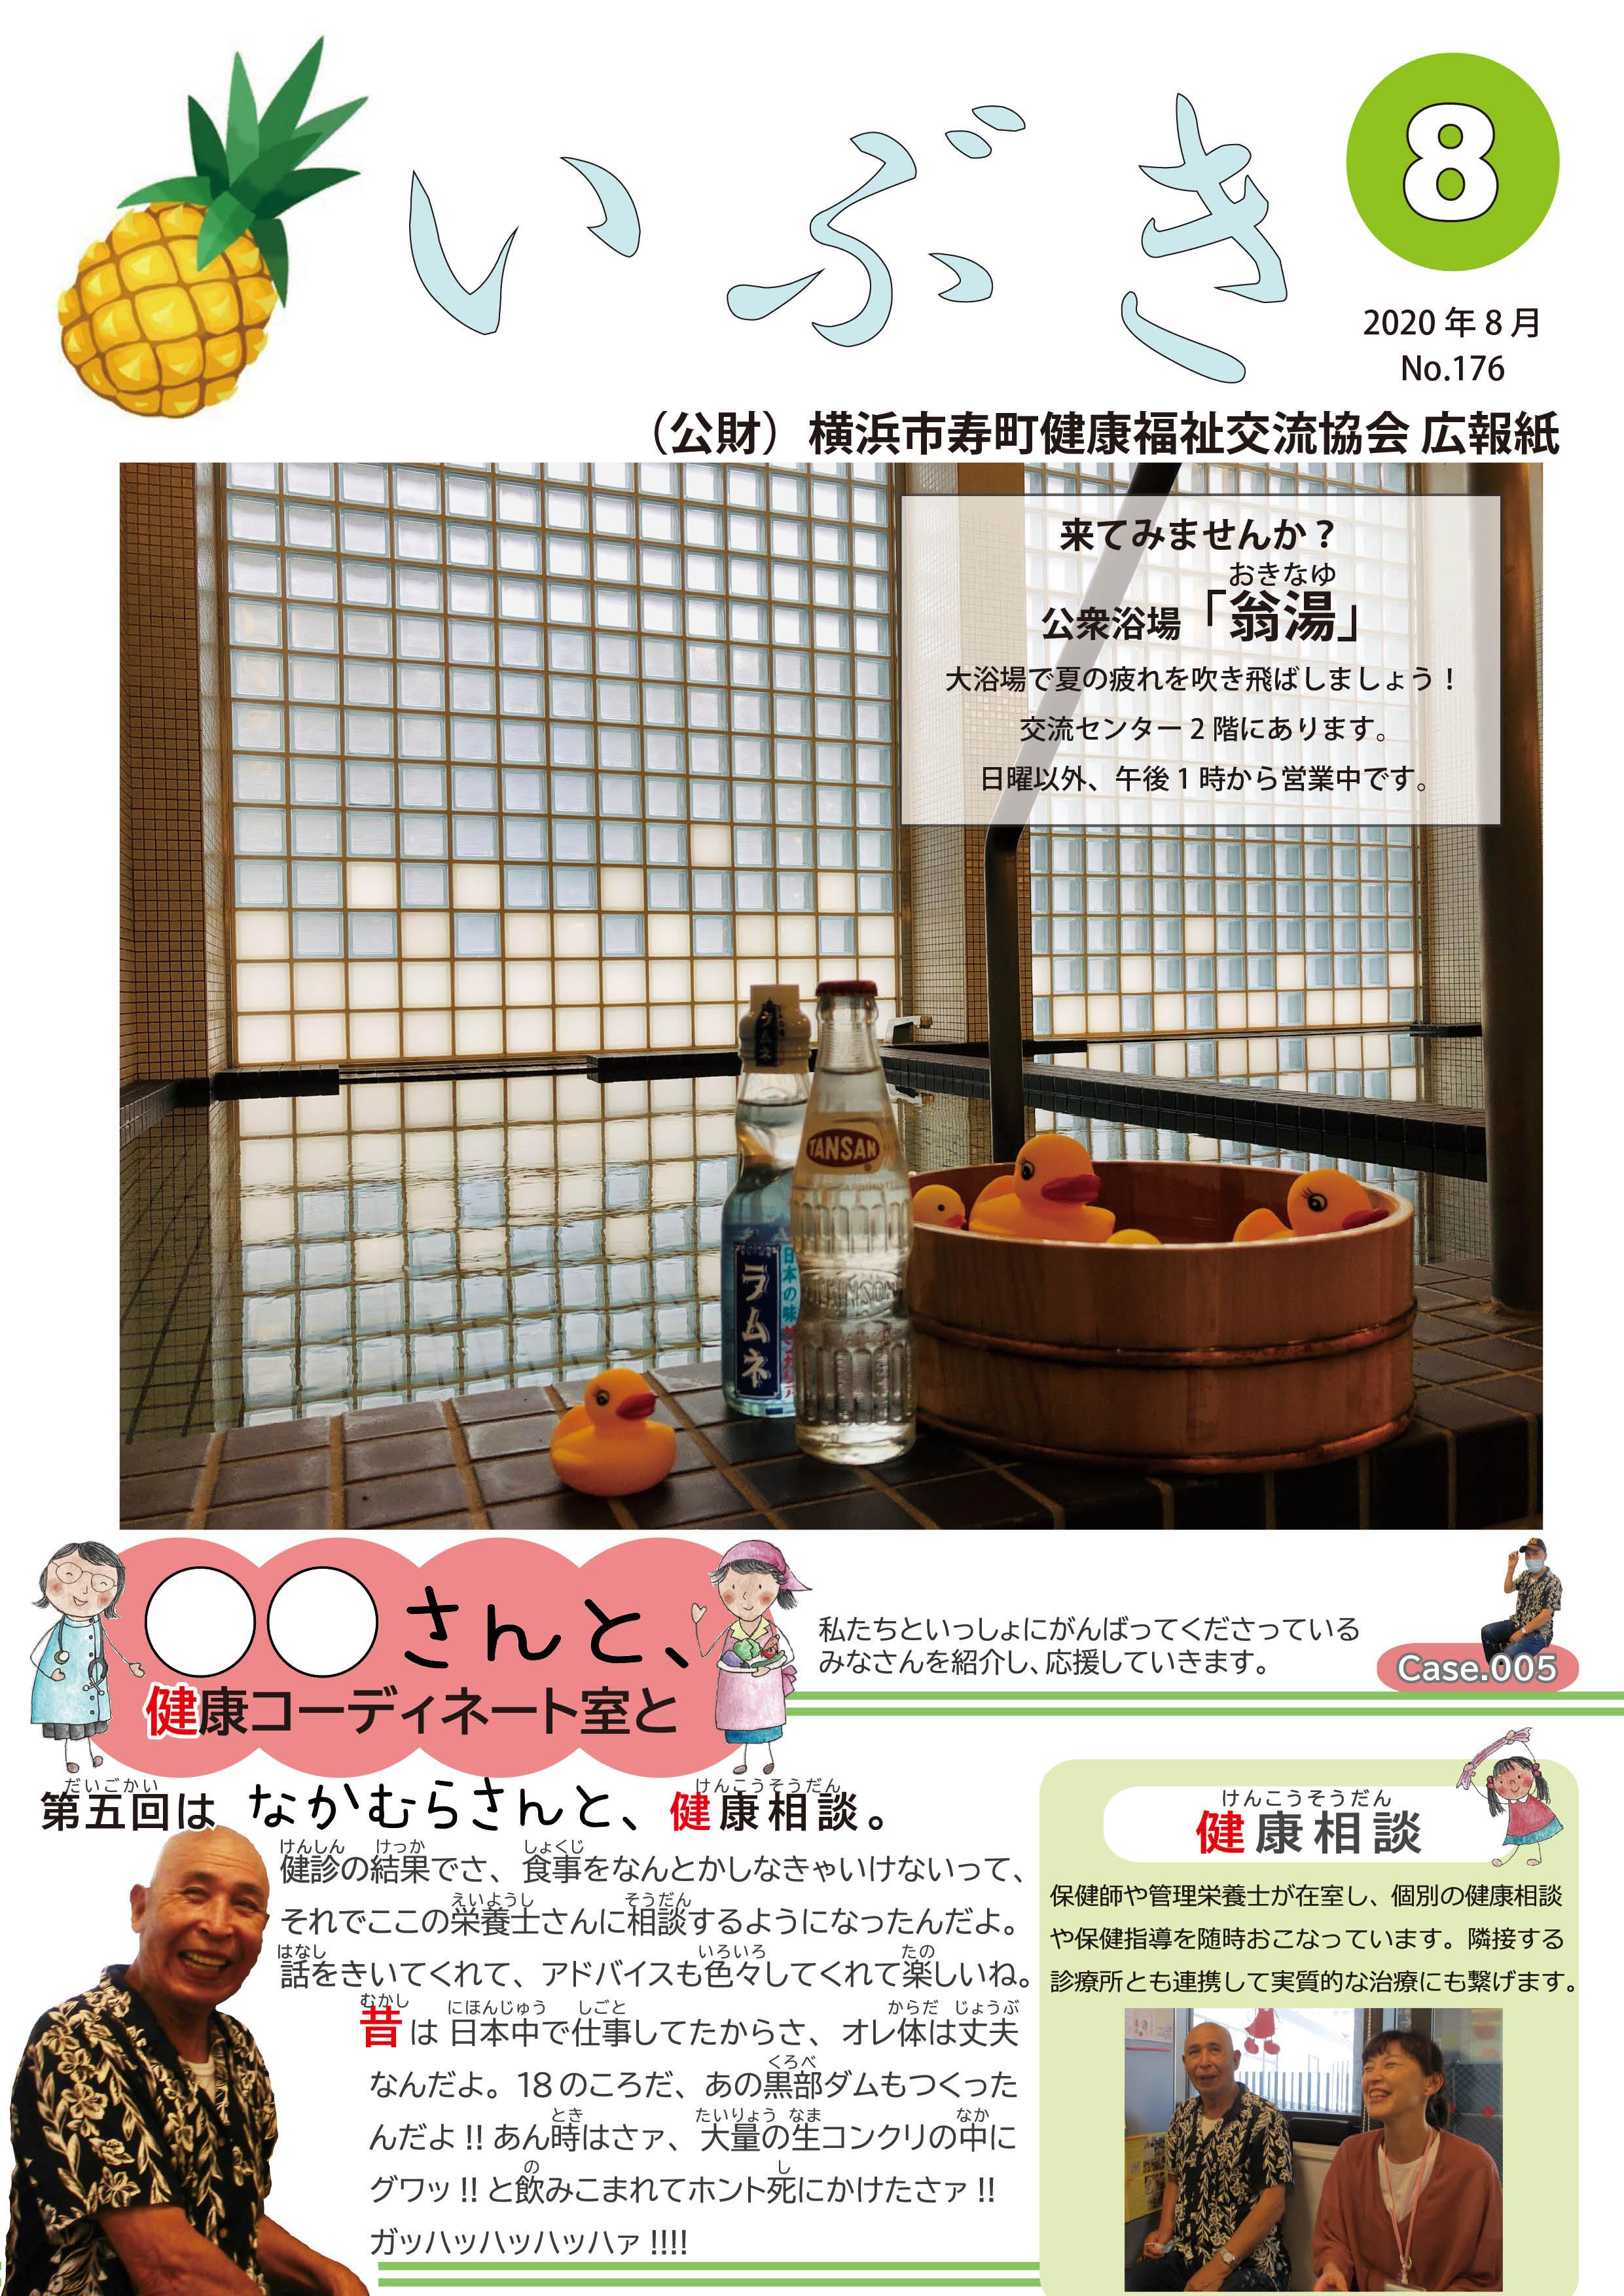 広報紙いぶき2020年8月号(No.176)